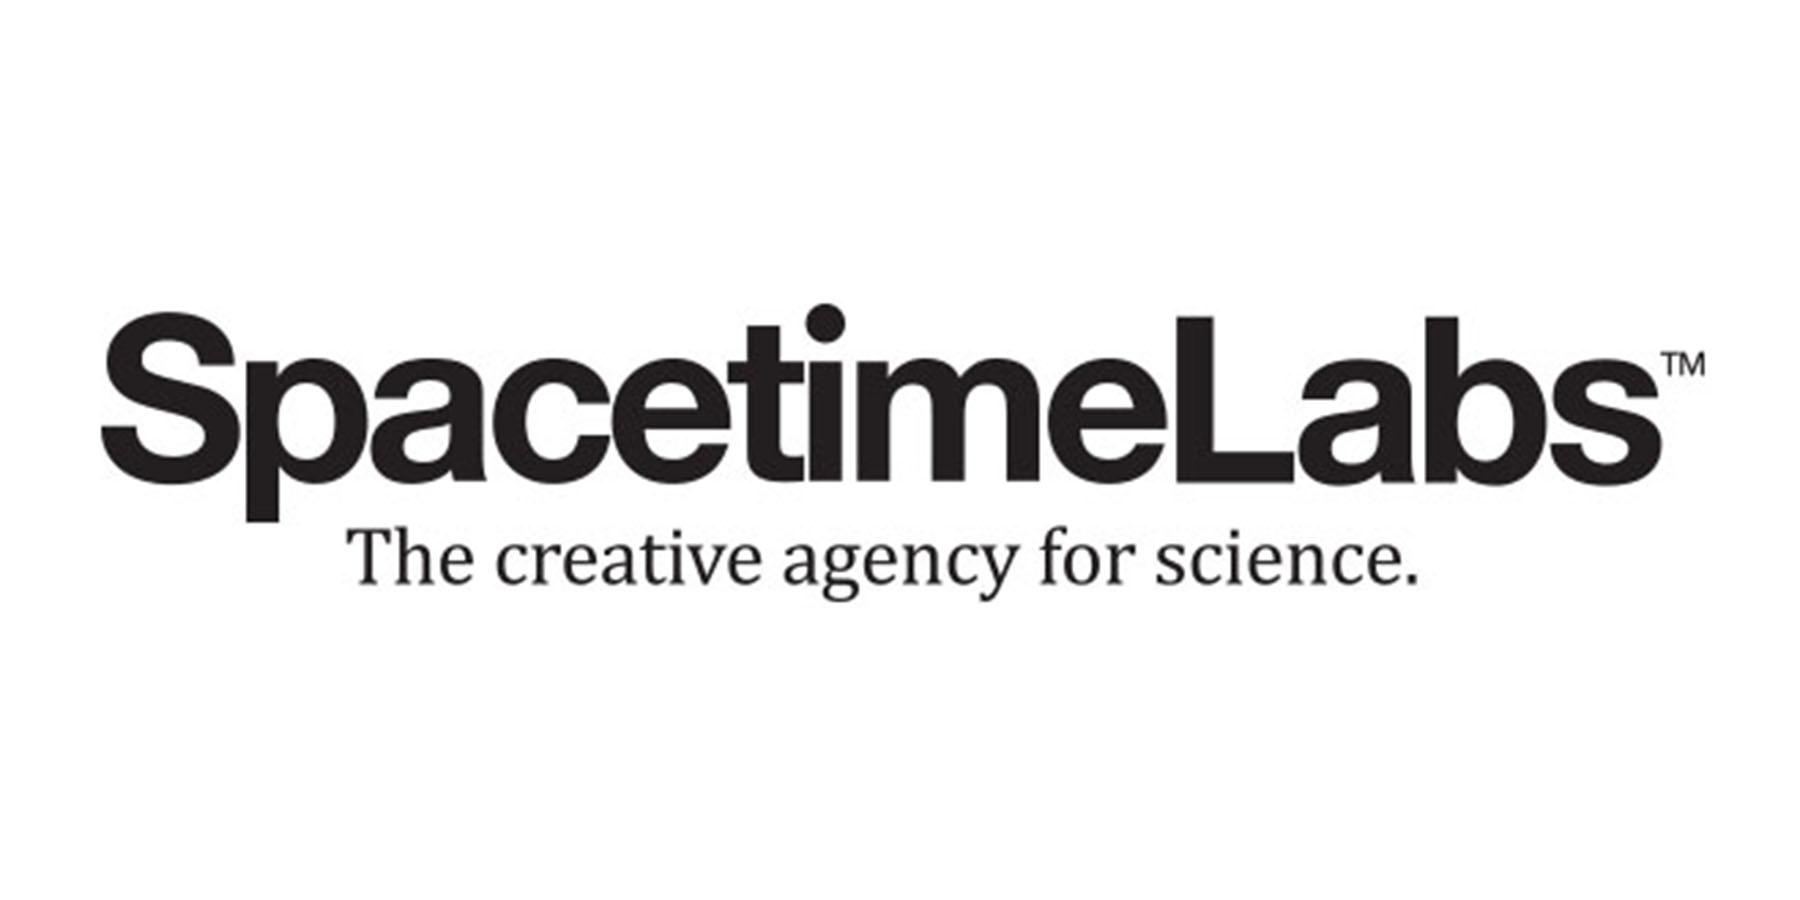 SpacetimeLabs_logoBLK edited.jpg